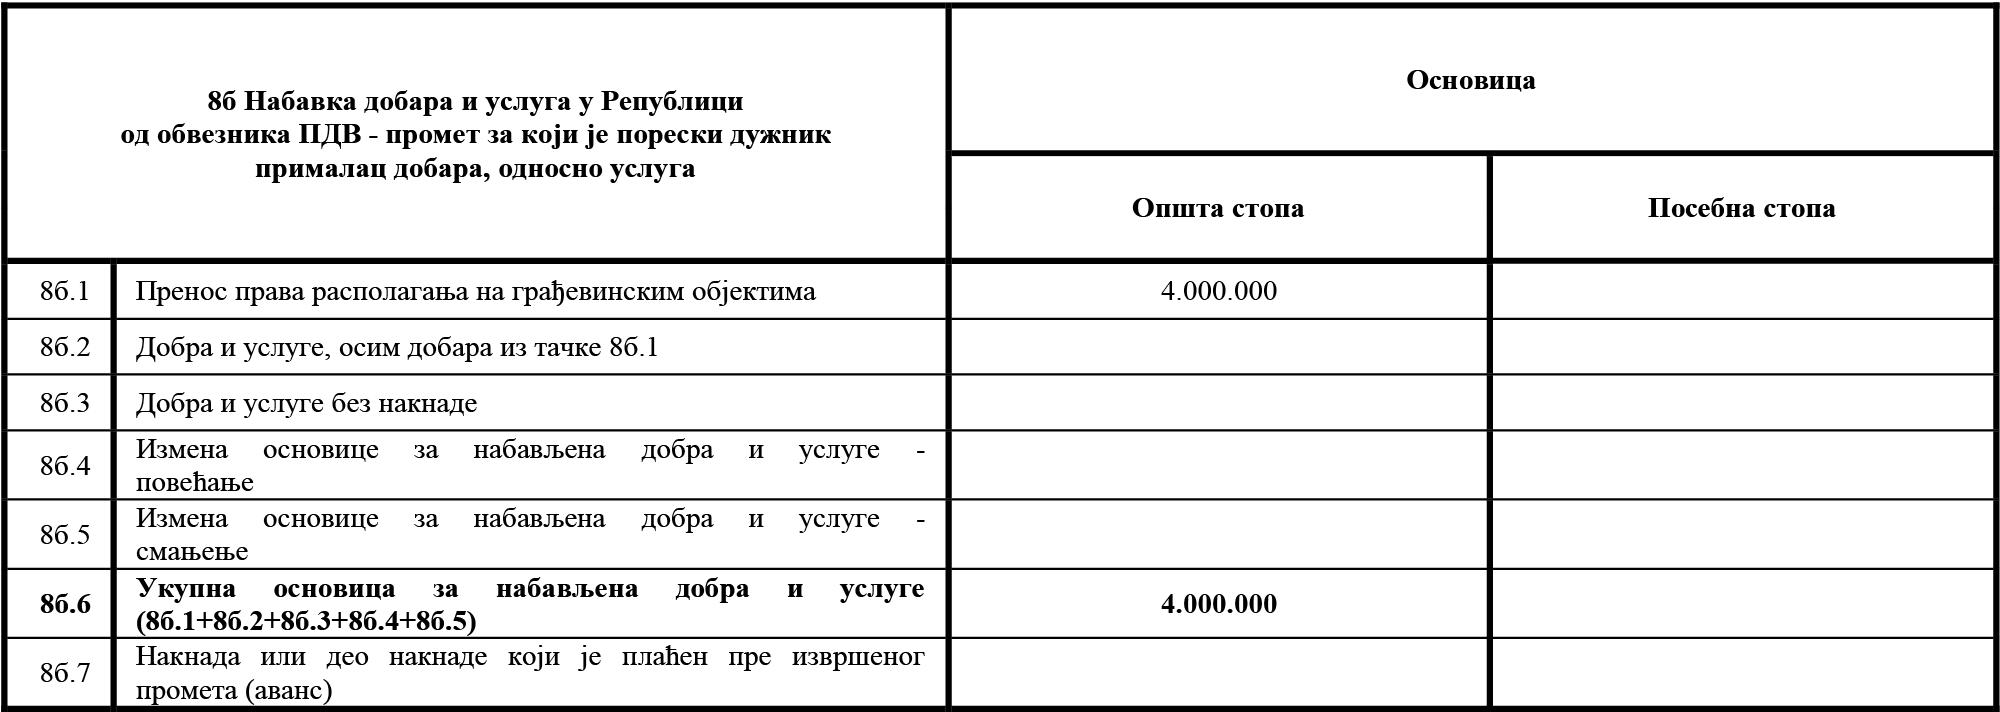 uputstvo PU obrazac POPDV primer 95